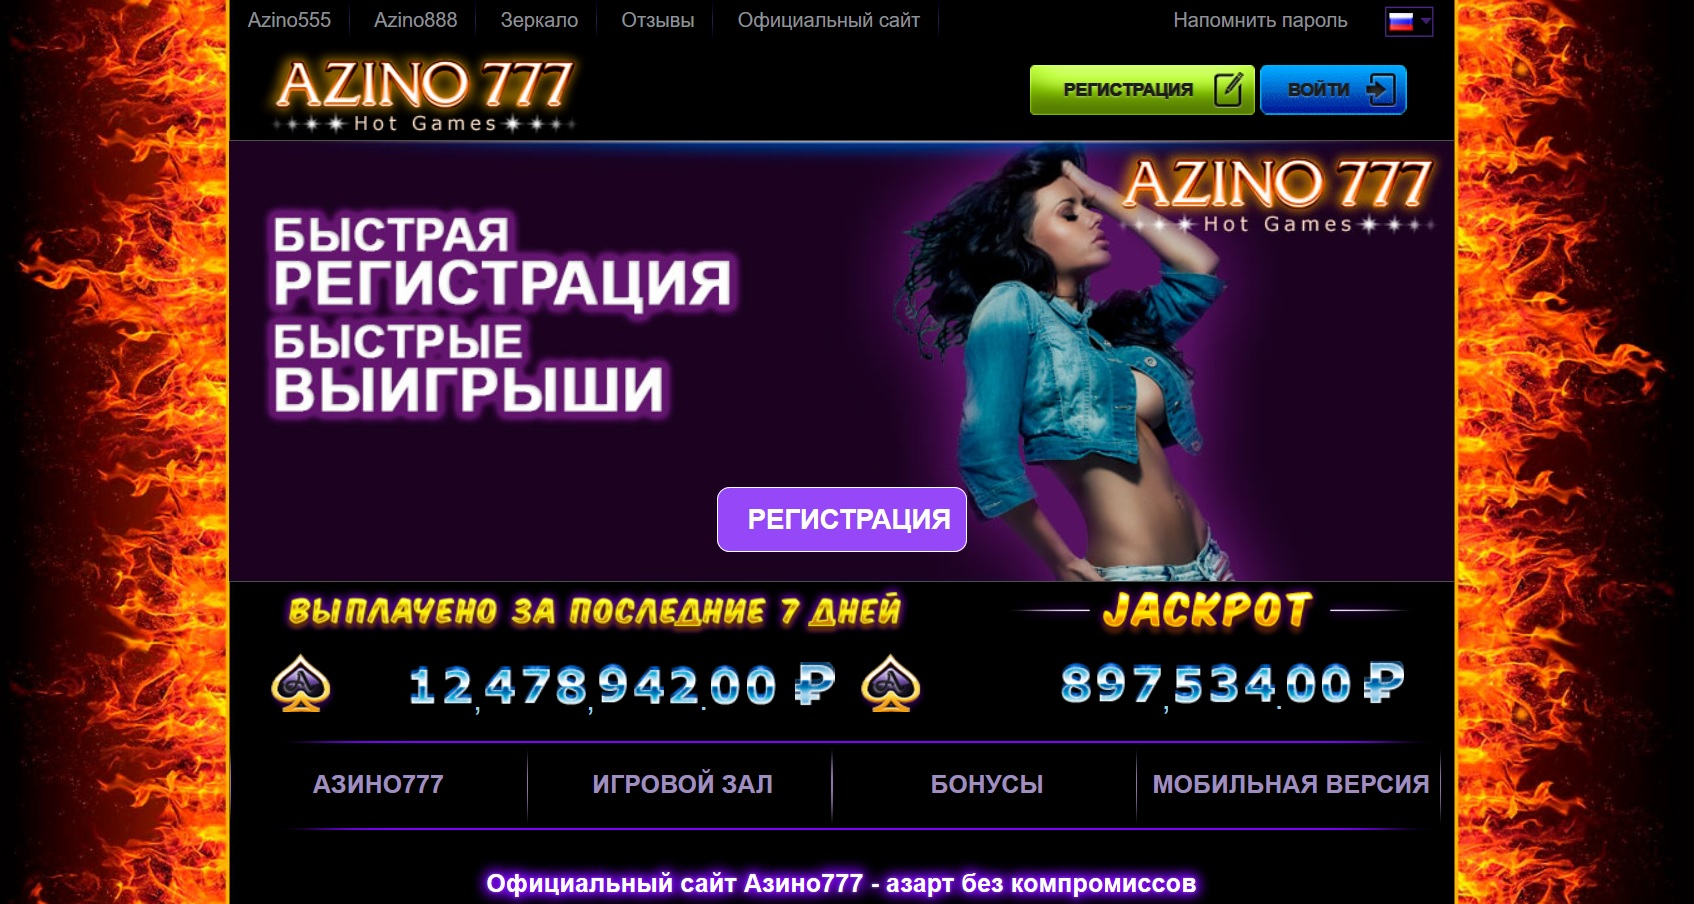 азино 777 вход официальный сайт рабочее зеркало